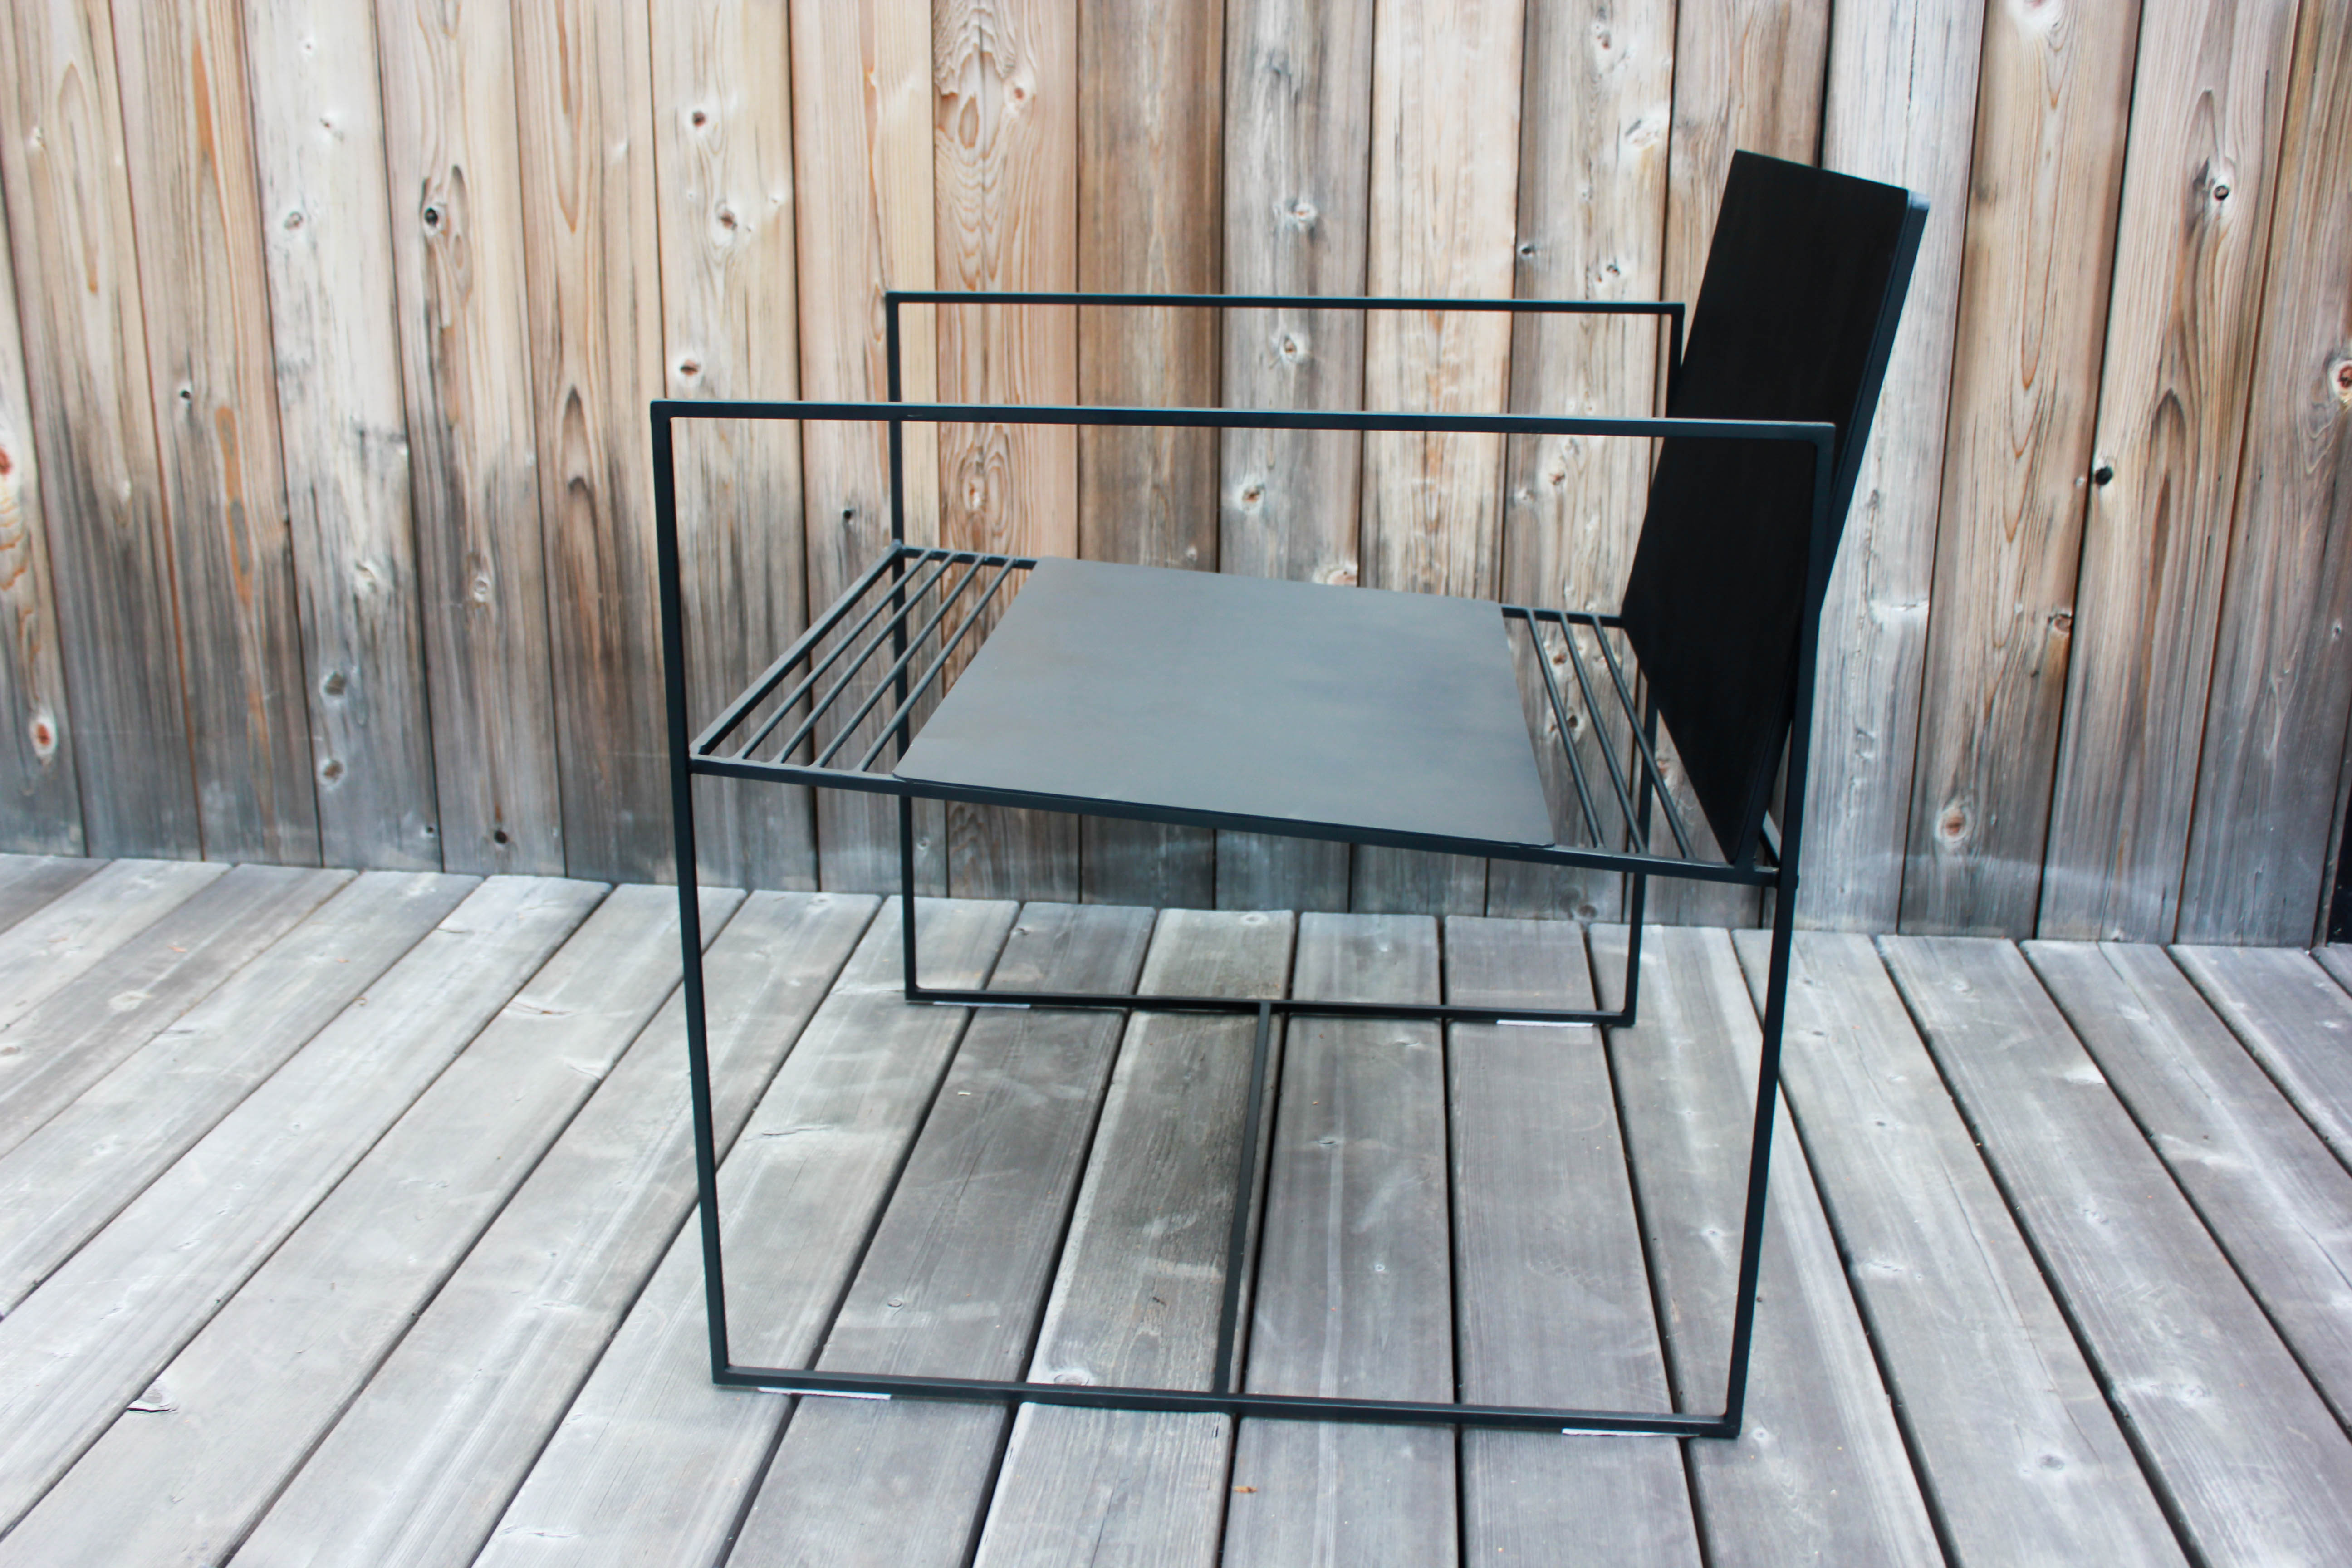 meubles roll 5-12